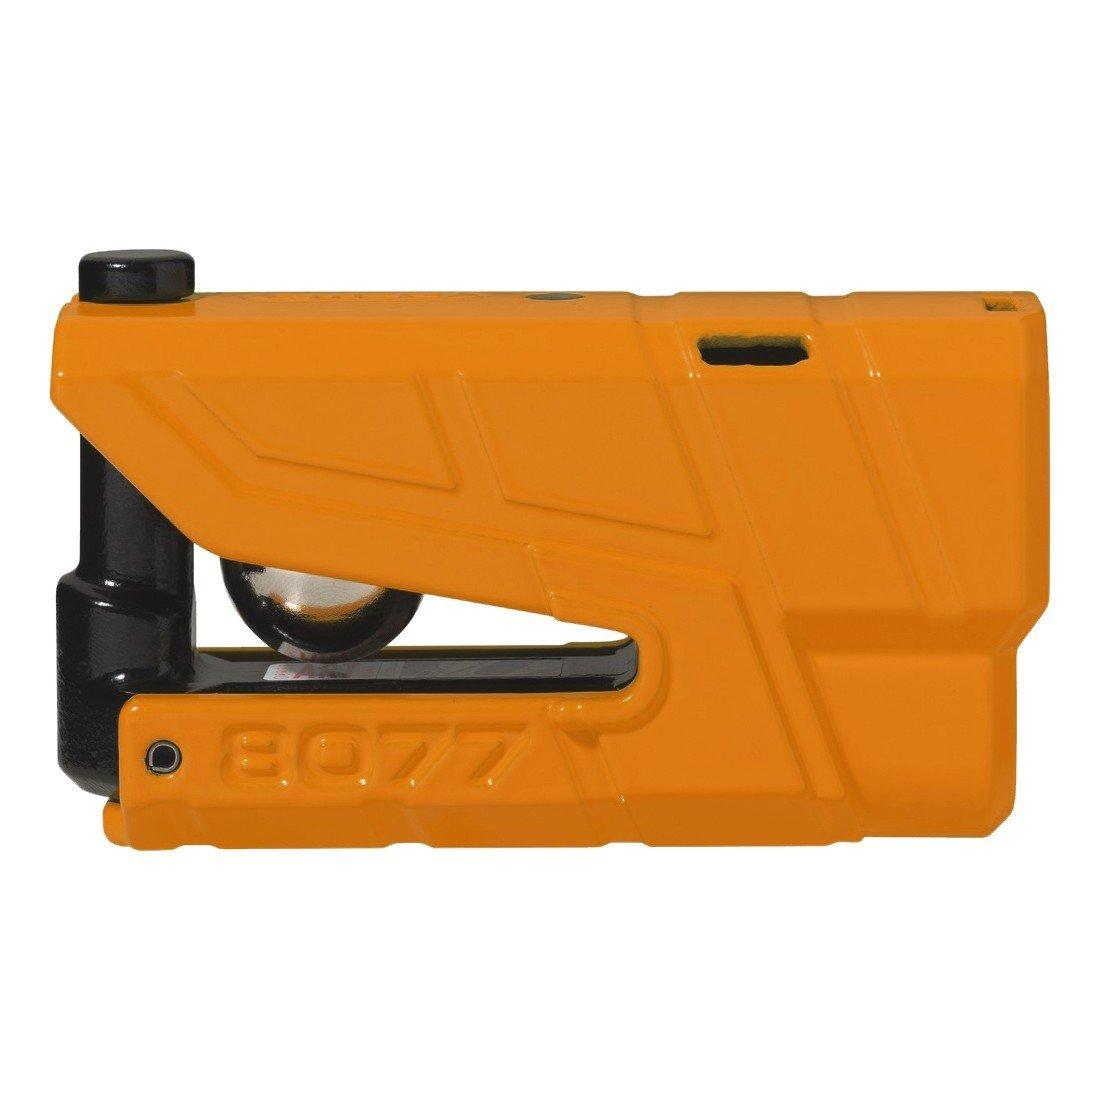 Abus Granit Detecto X-Plus 8077 Orange